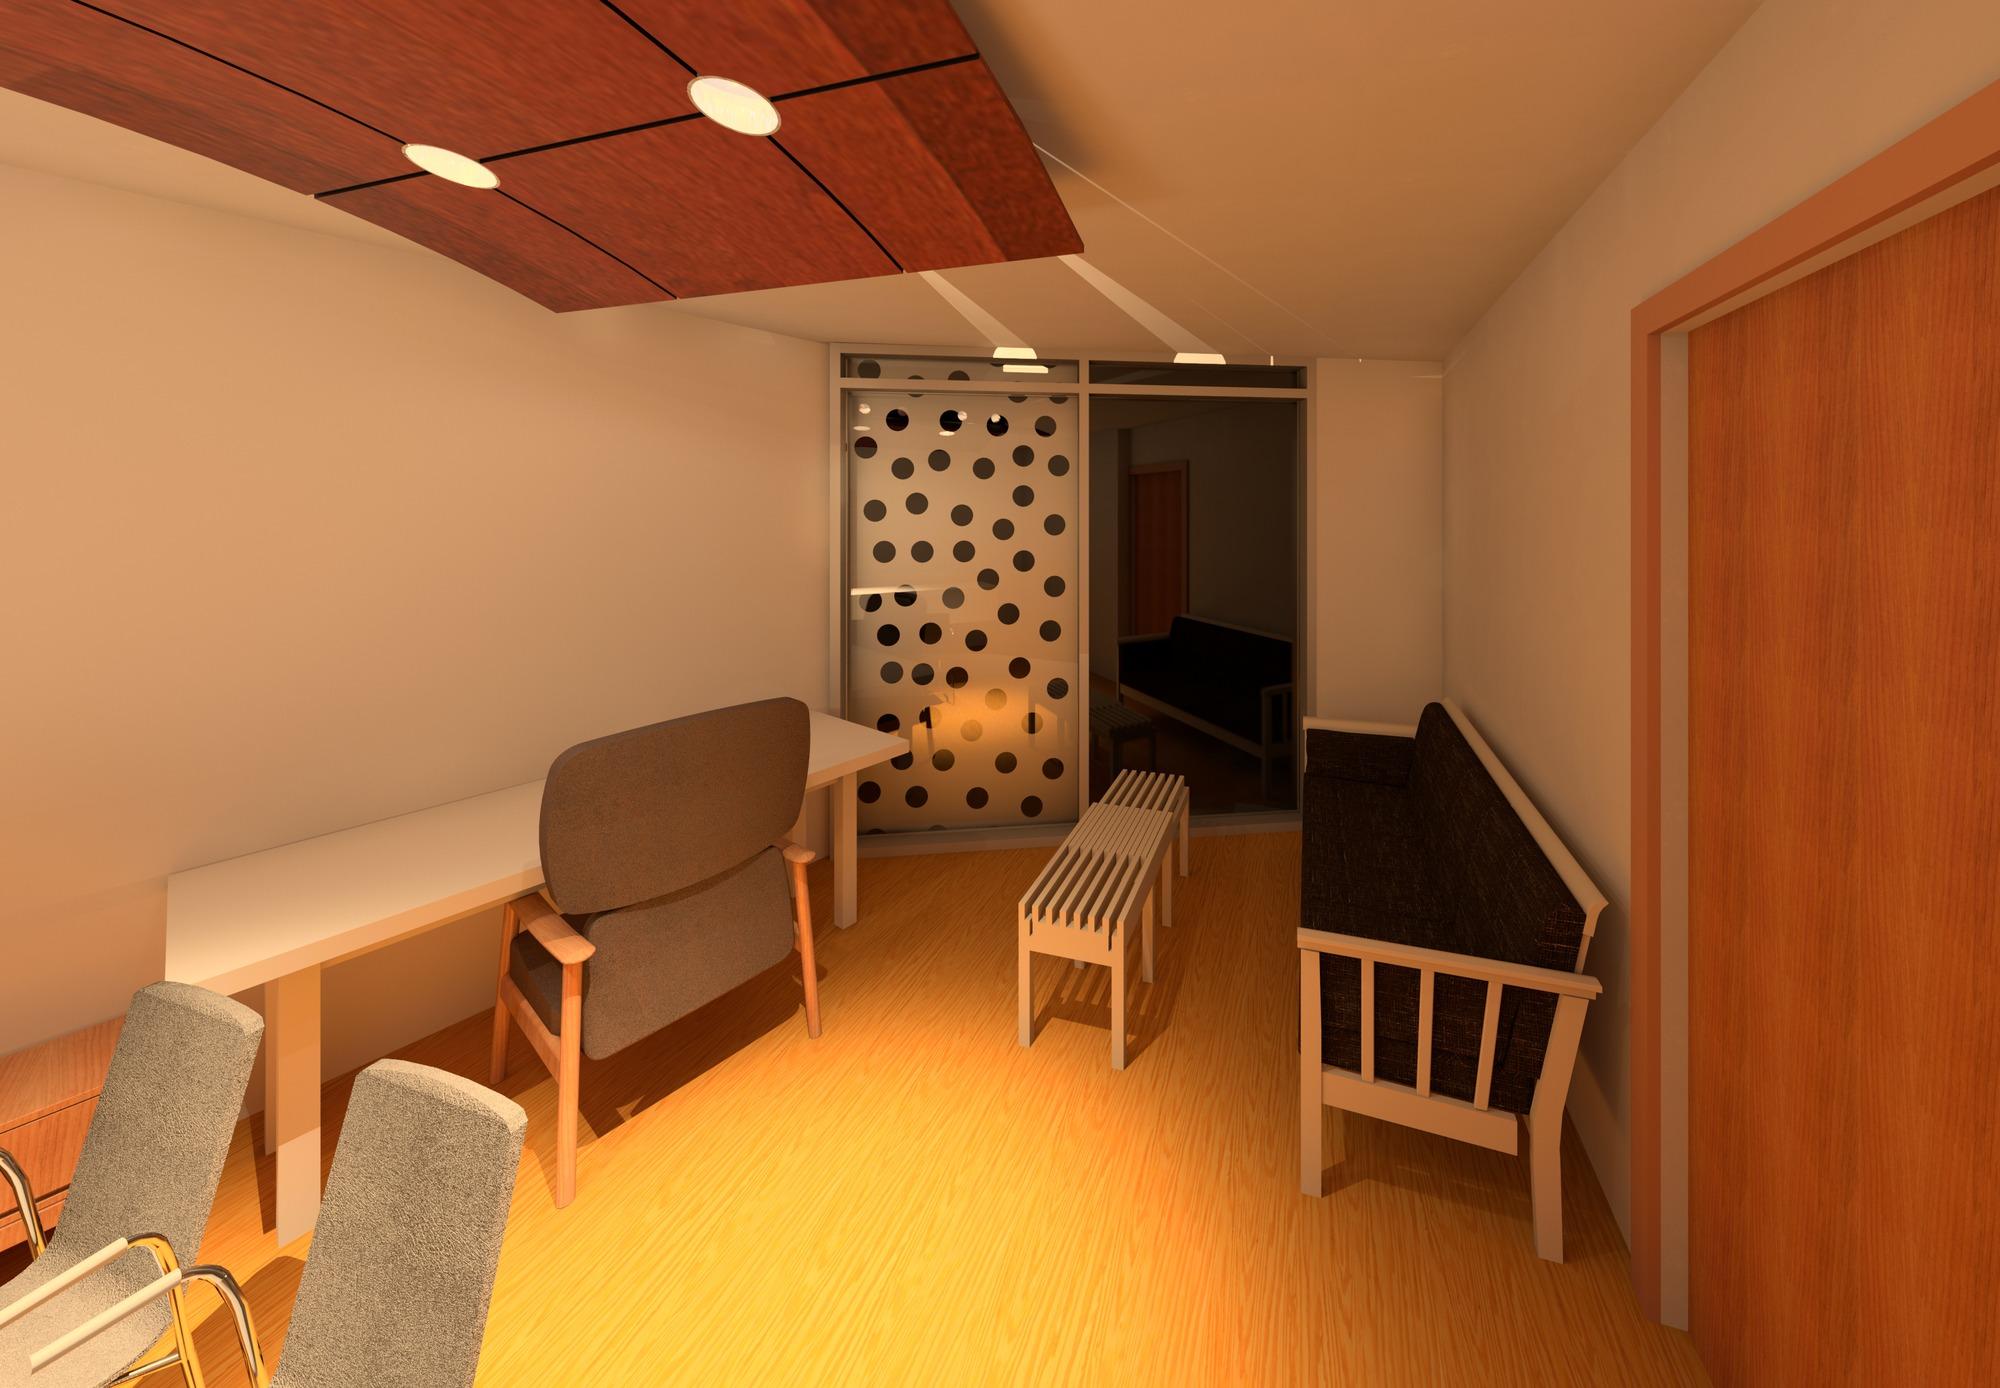 Raas-rendering20150105-17783-655wyu